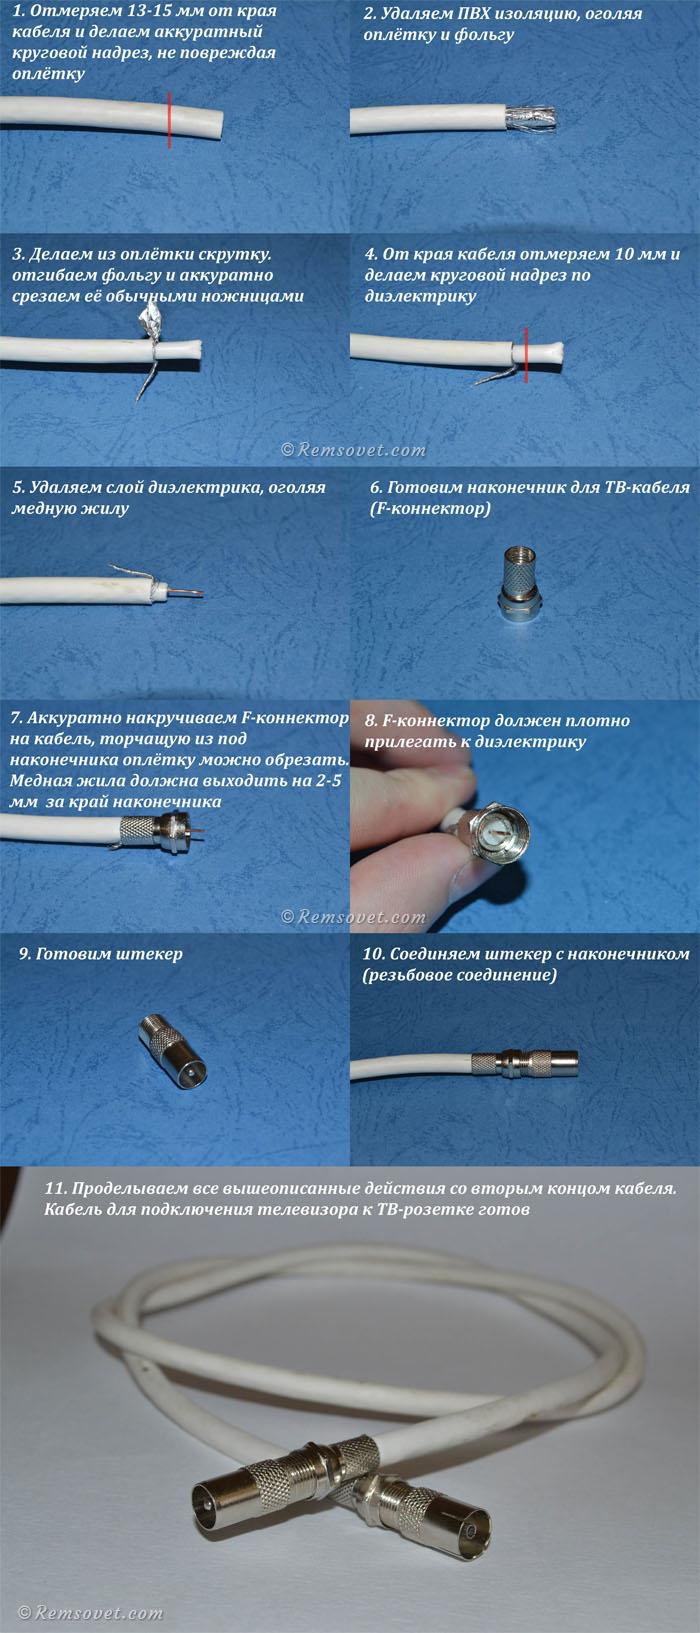 Подготовка ТВ-кабеля, установка адаптеров, F-коннекторы